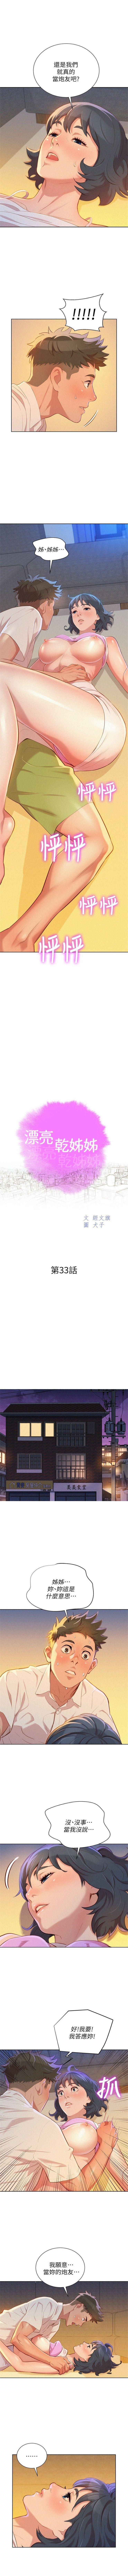 (周7)漂亮干姐姐  1-81 中文翻译 (更新中) 167